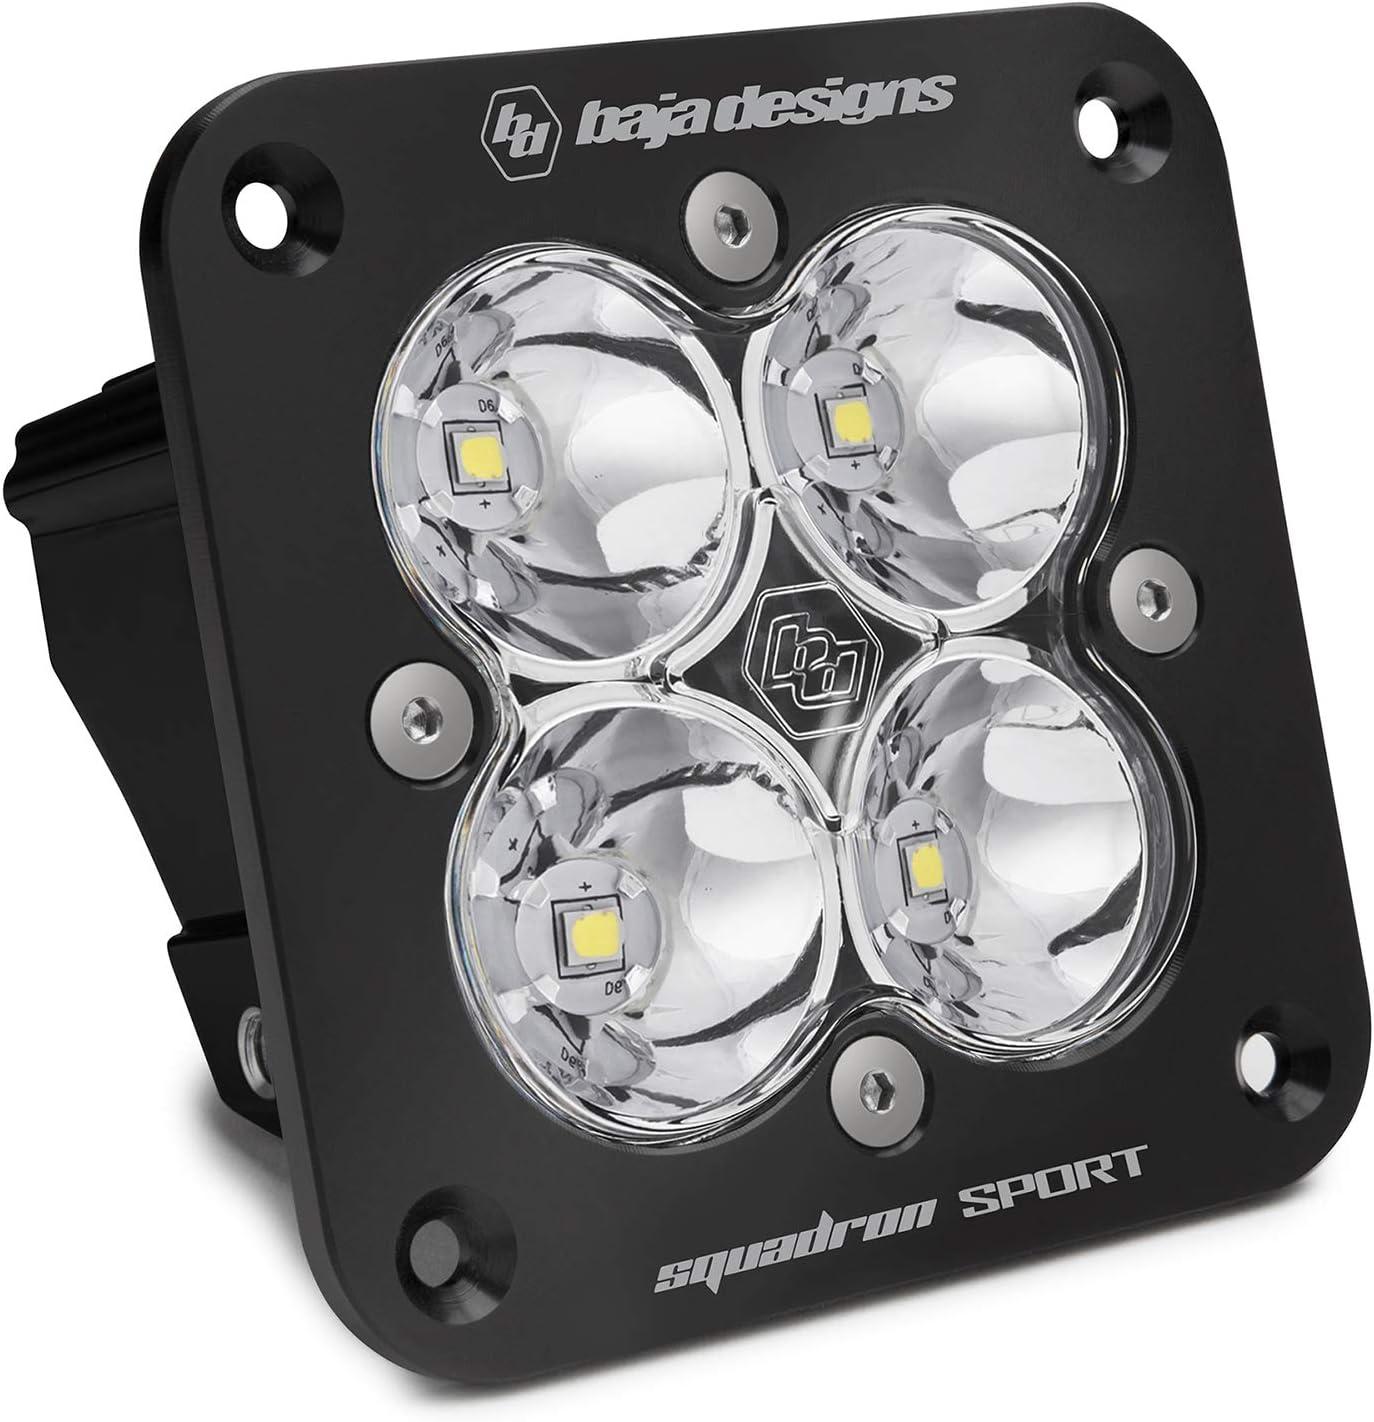 Clear Black Squadron Sport Baja Designs 551001 Flush Mount LED Spot Light